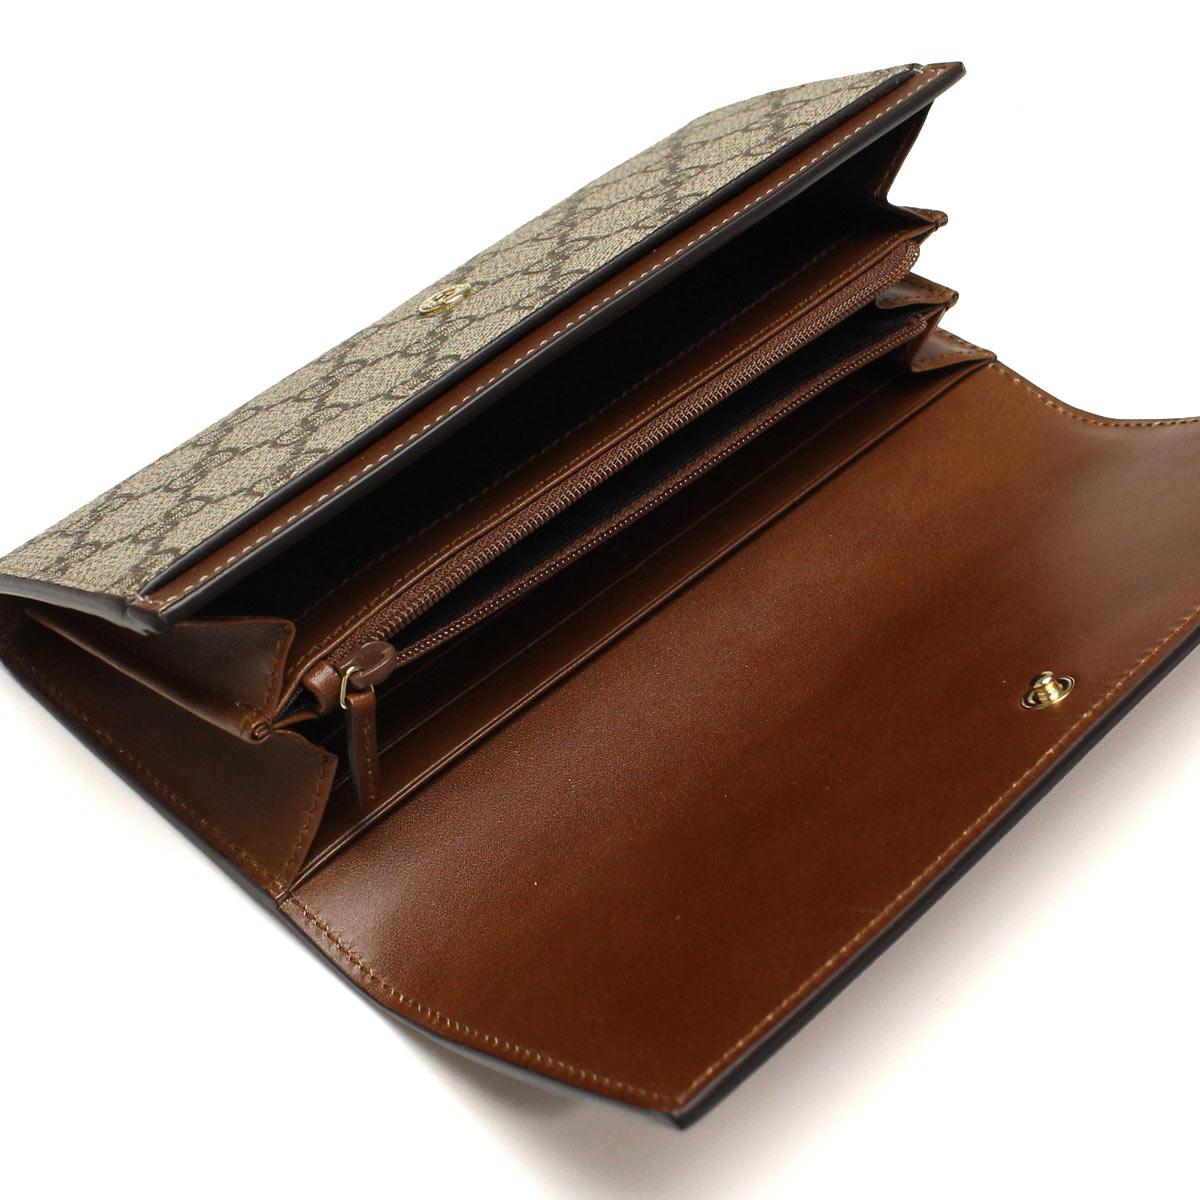 グッチ GUCCI 財布 二つ折り 長財布 小銭入付き 410100 KLQHG 8526 ブラウン系 メンズ レディース キャッシュレス 5% 還元1FTKJcl